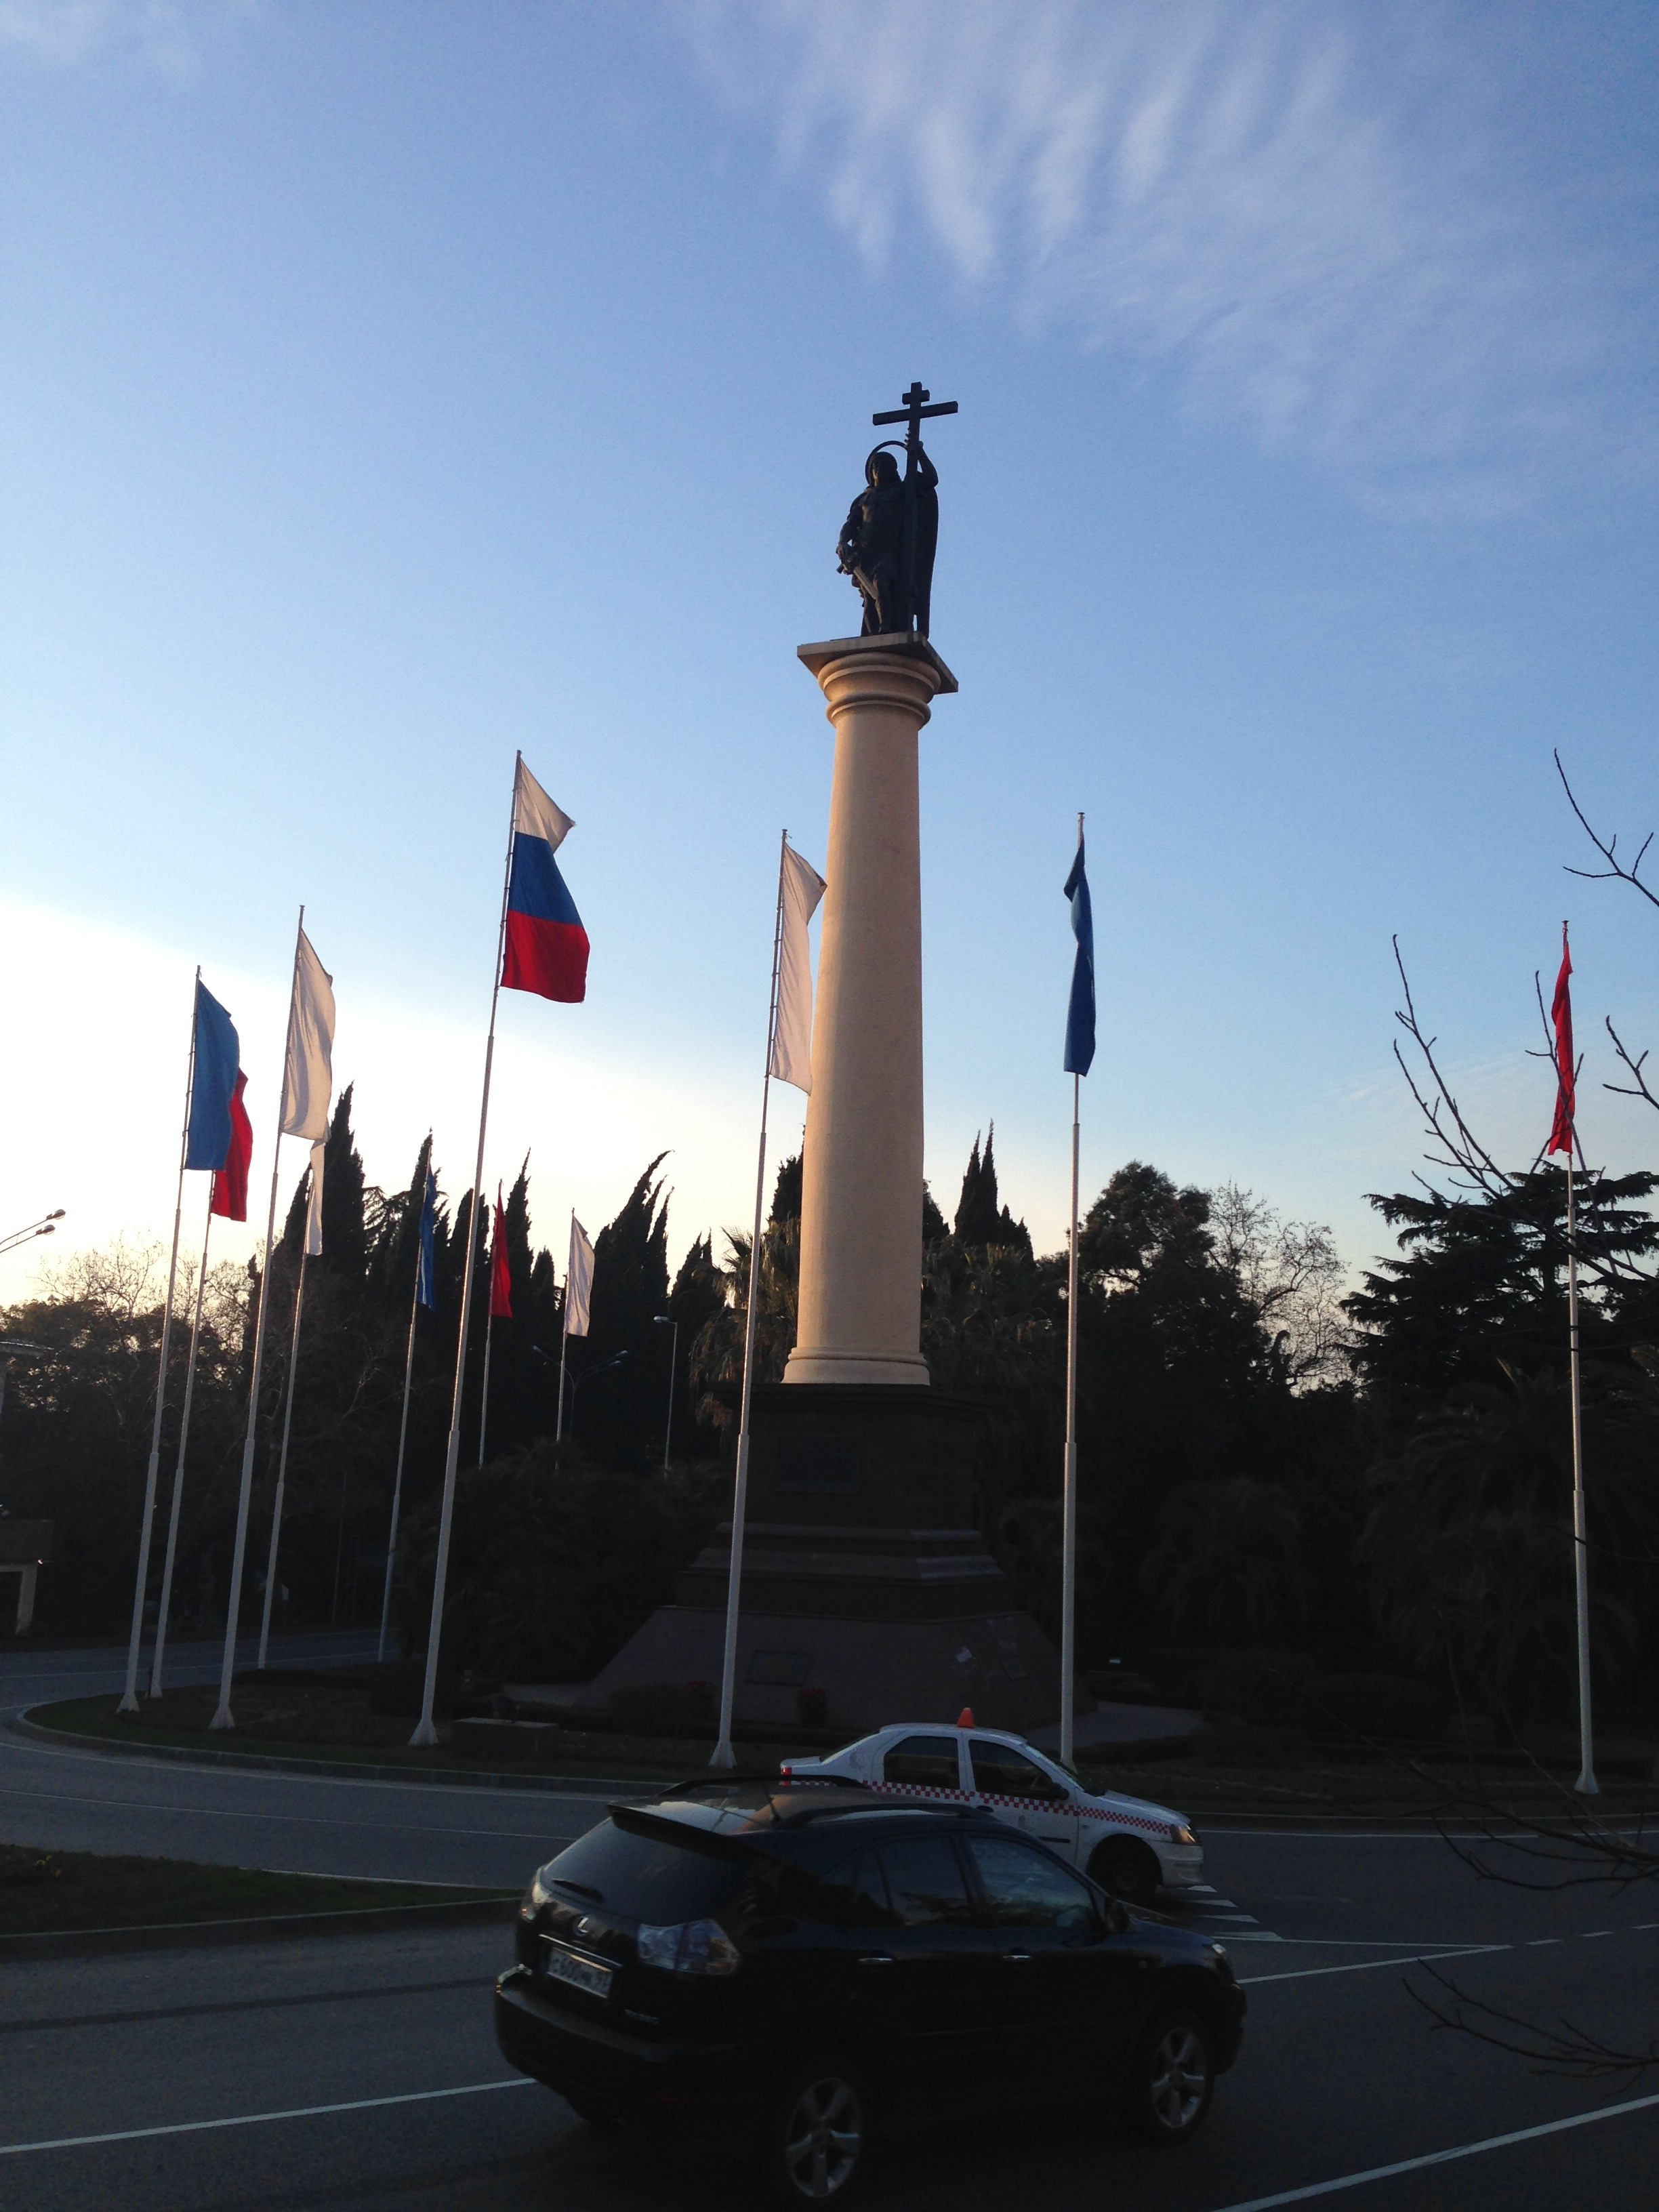 Statue in Sochi